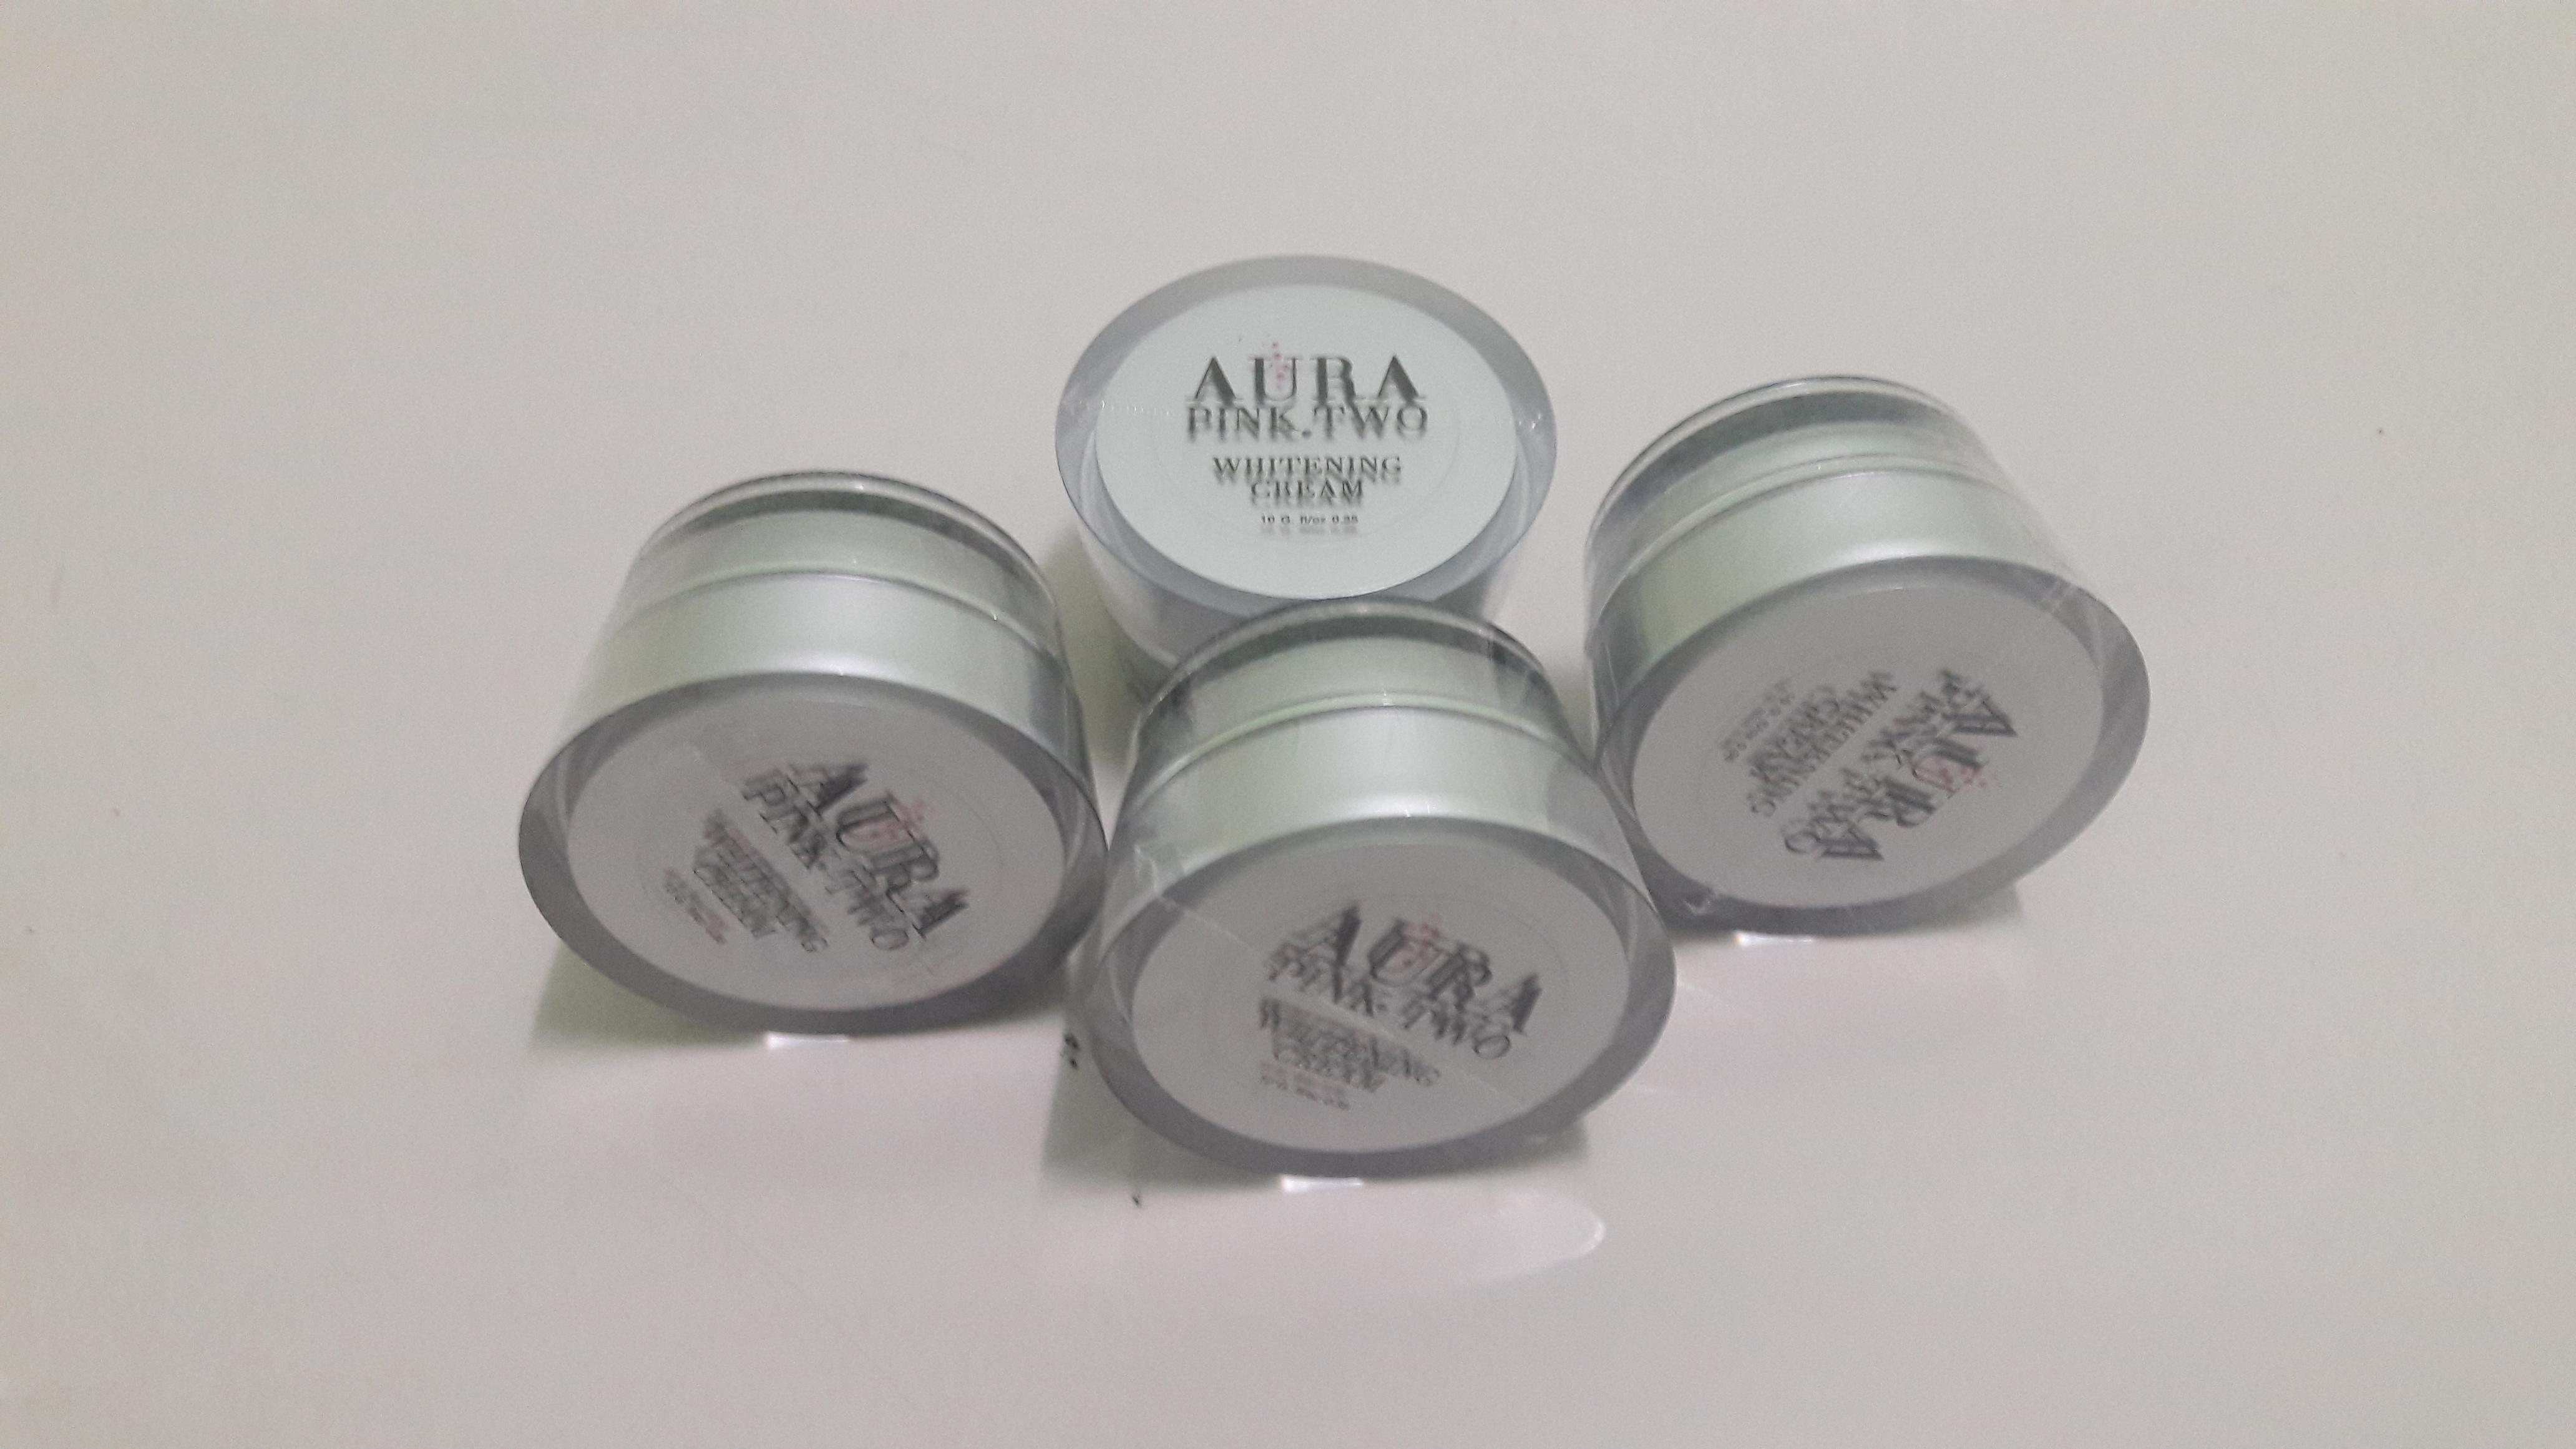 ออร่าพิ้งทู ผลิตภัณฑ์บำรุงหน้า ไวท์เท็นนิ่ง ครีม WHITENING CREAM Miracle Whitening Supreme Serum Cream ผลิตภัณฑ์ซีรั่มครีมสูตรเข้มข้น เพื่อผิวขาวใส